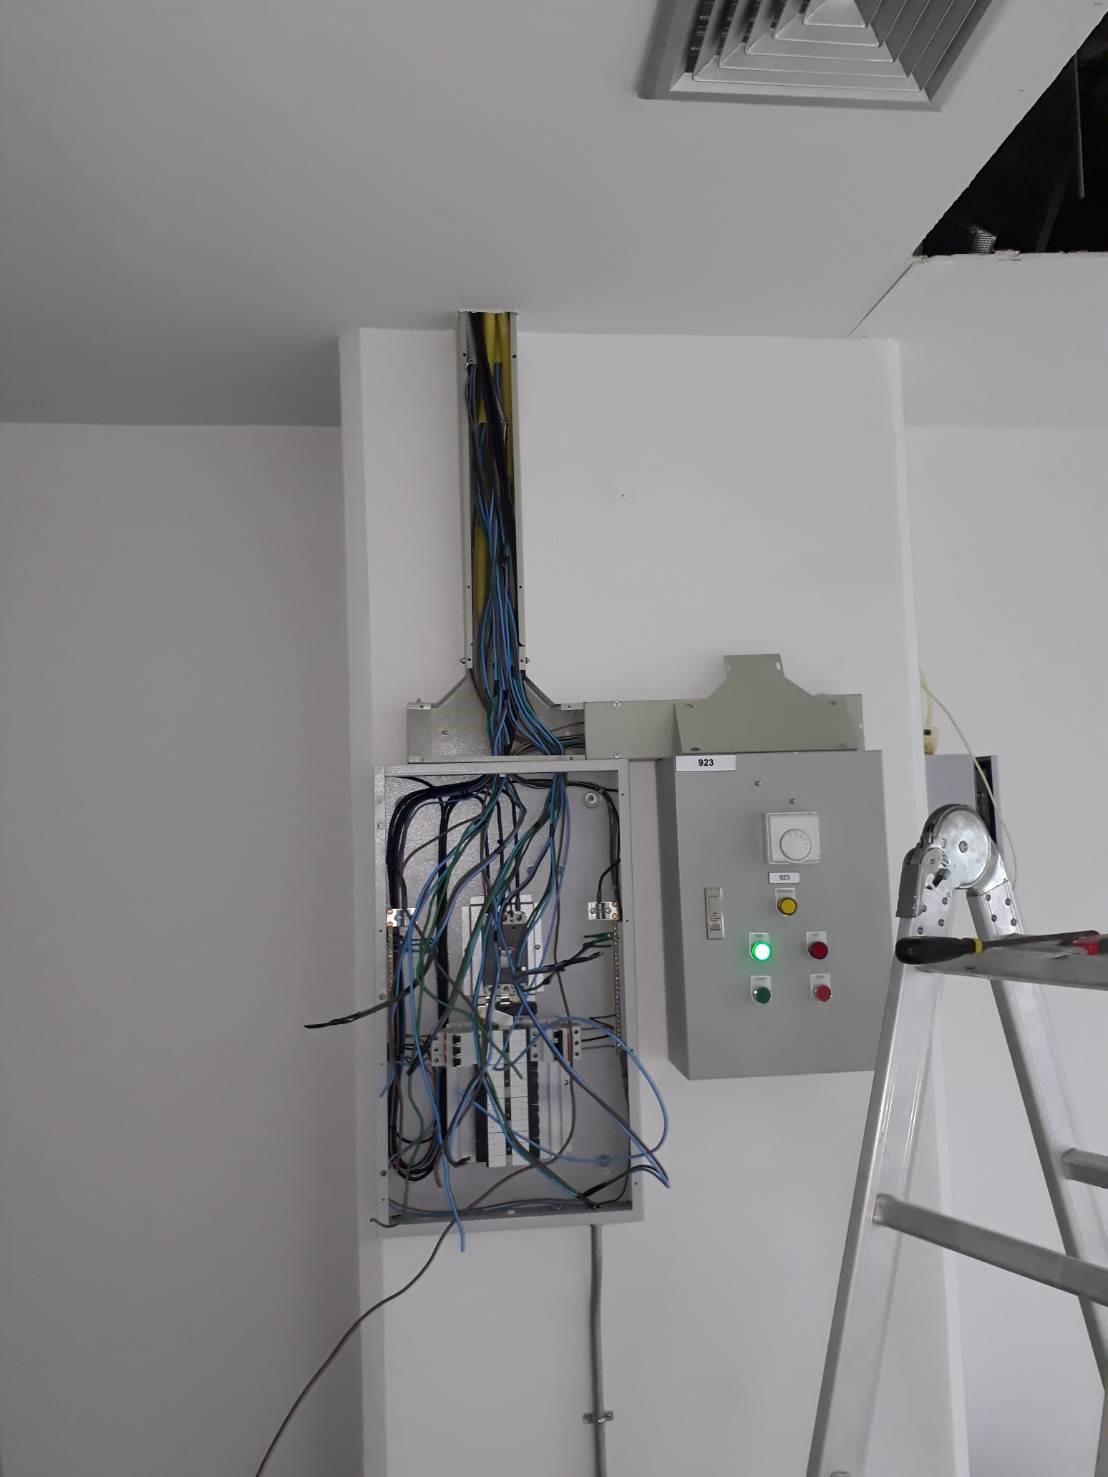 ช่างซ่อม ไฟฟ้า ปั้มน้ำ 0882750965 idline @ckj5753k